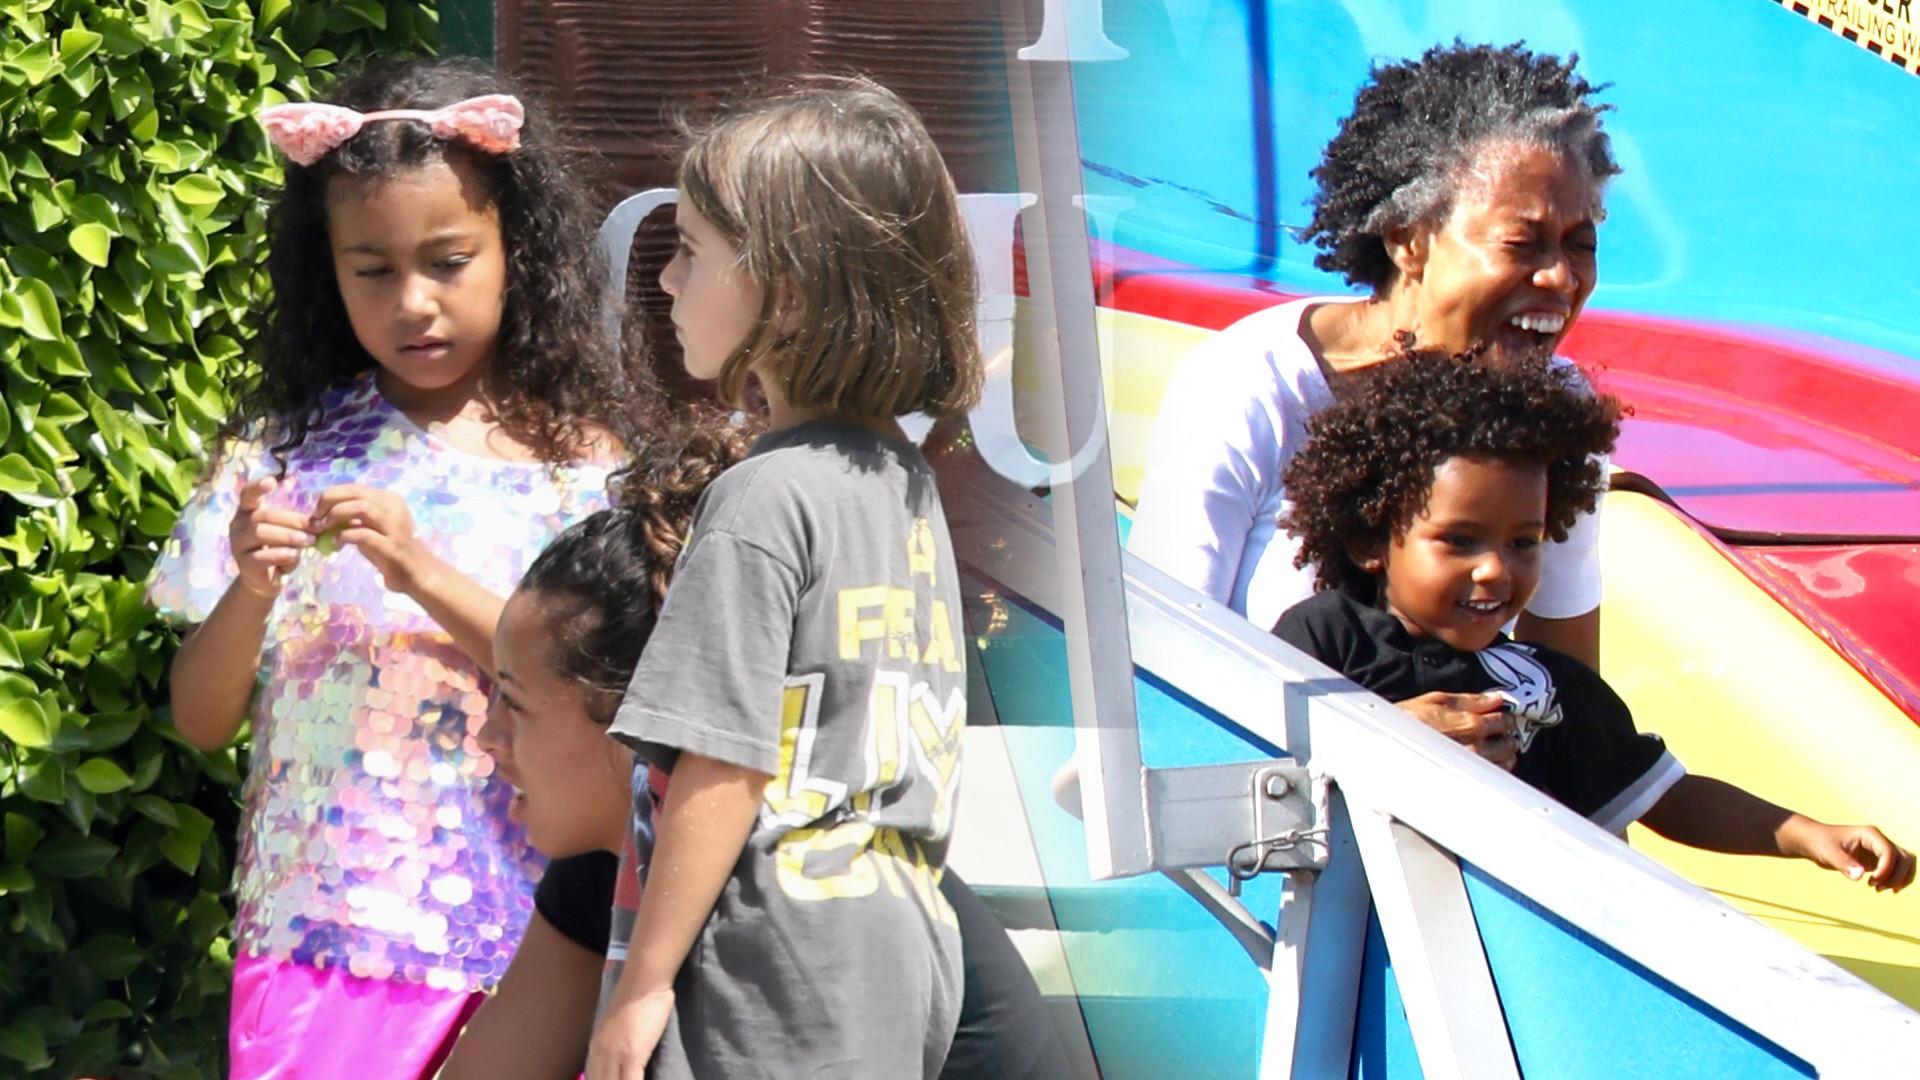 Dzieci Kim Kardashian bawią się pod opieką niani – ich mama zaczęła studia prawnicze (ZDJĘCIA)